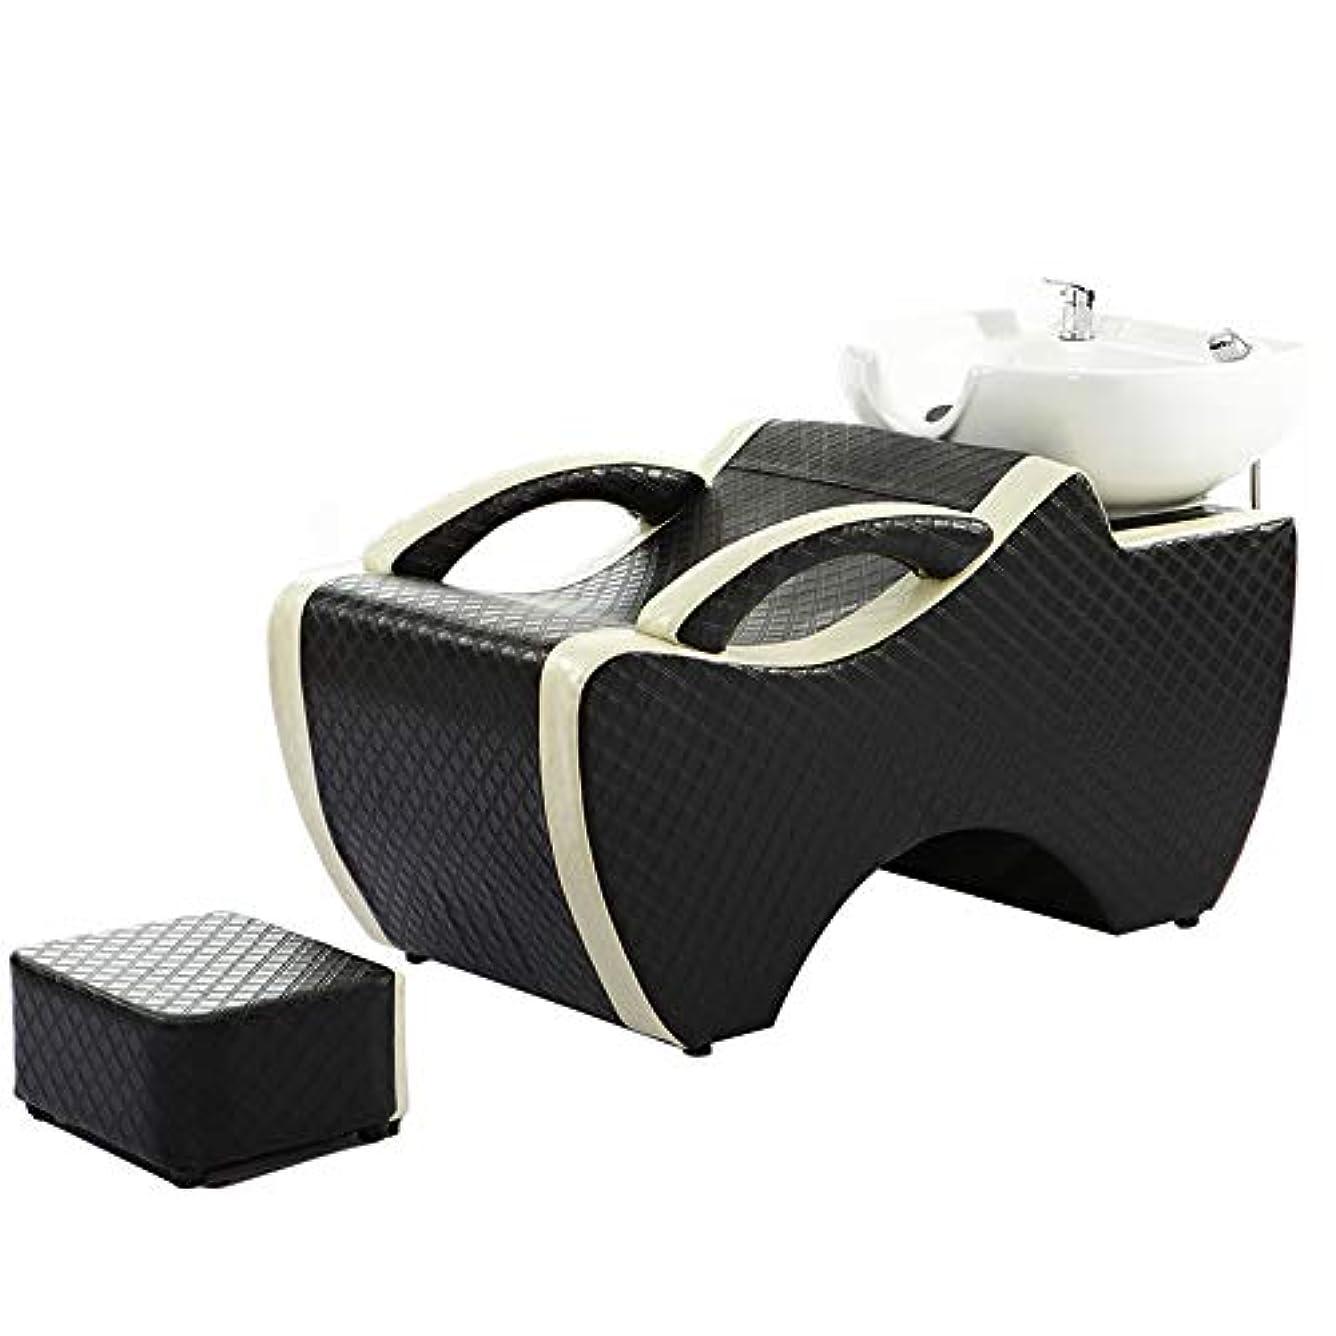 先駆者投げ捨てるケーブルシャンプー椅子、逆洗ユニットシャンプーボウル理髪シンク椅子用スパ美容院ベッドセラミック洗面台